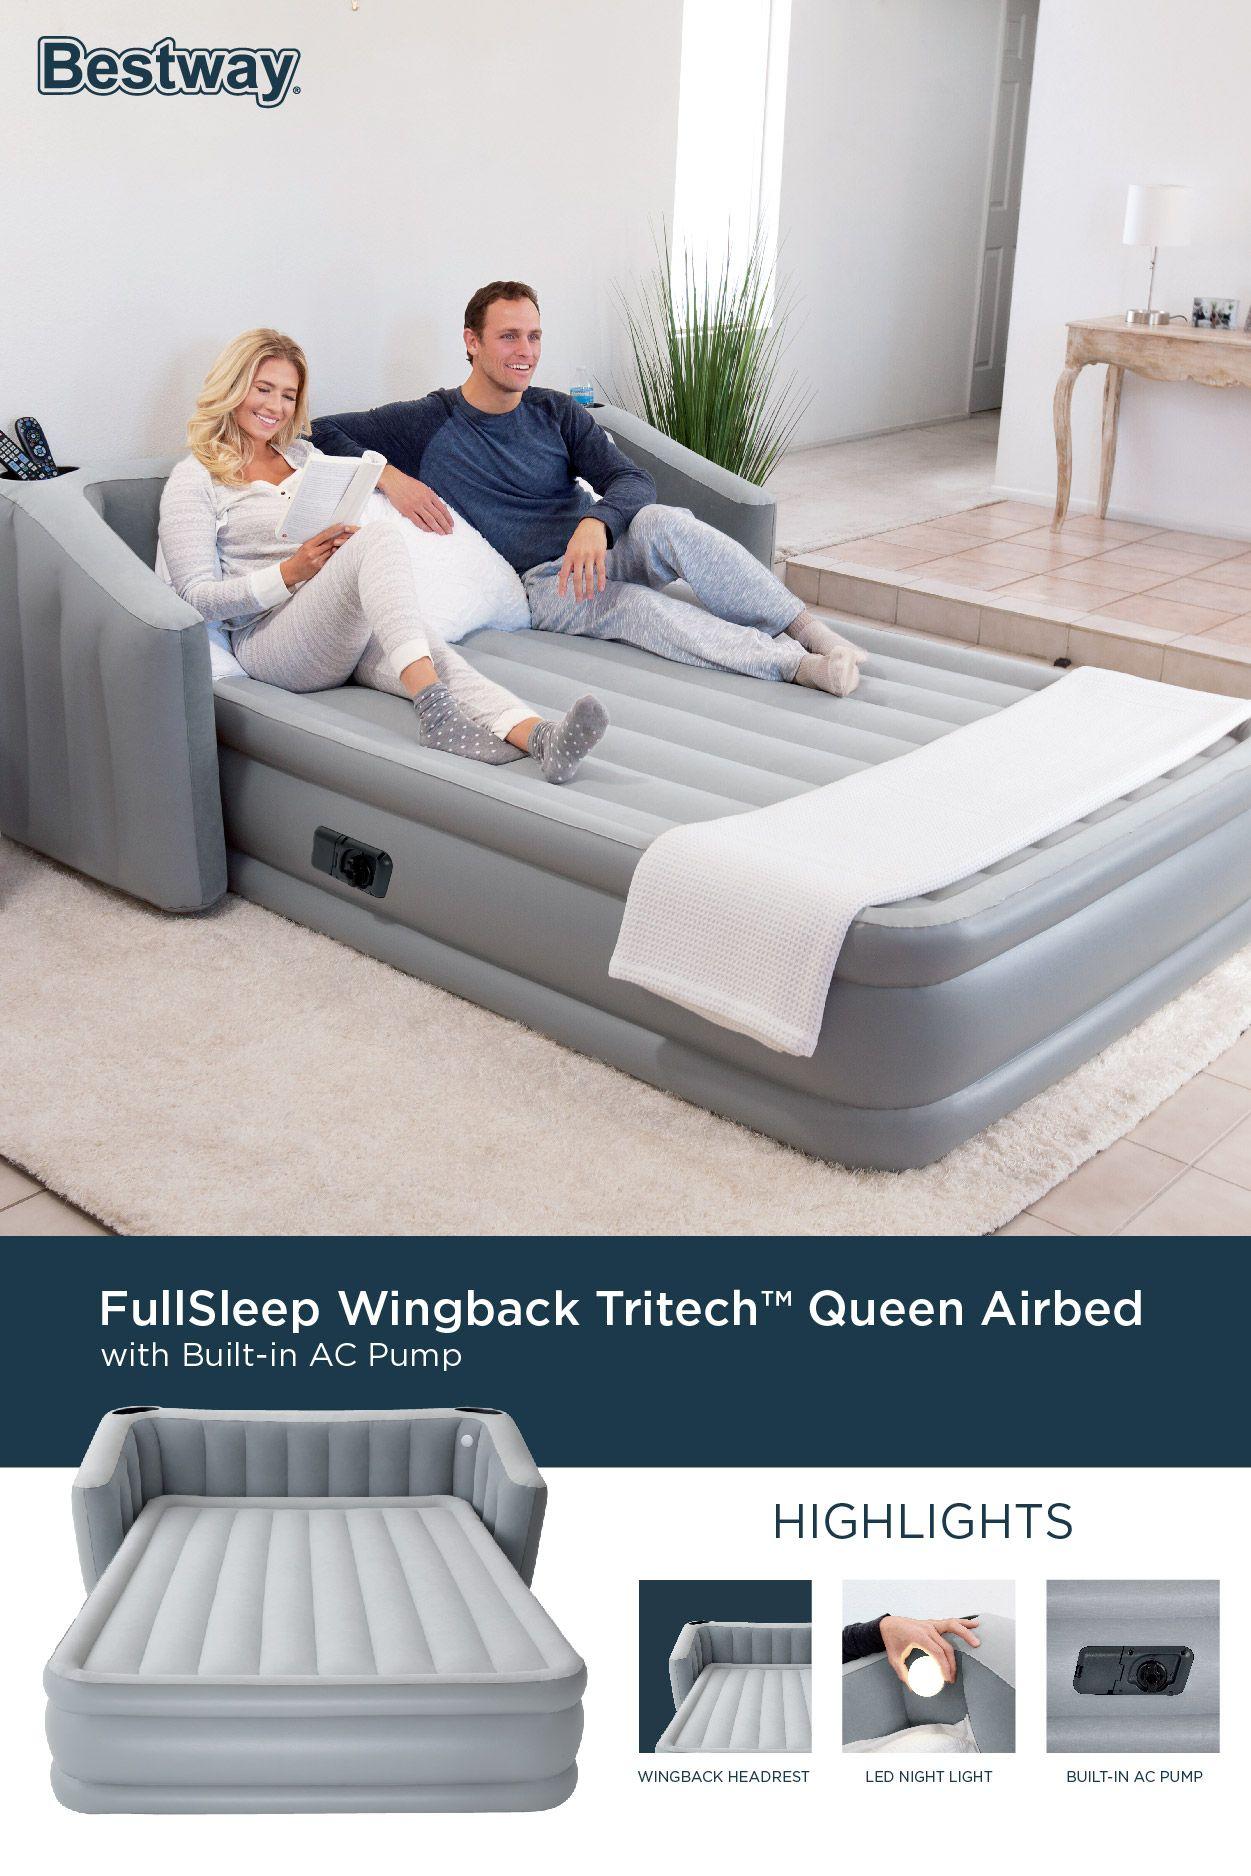 Fullsleep Wingback Tritech Queen Airbed Air Mattress Inflatable Mattress Headboard